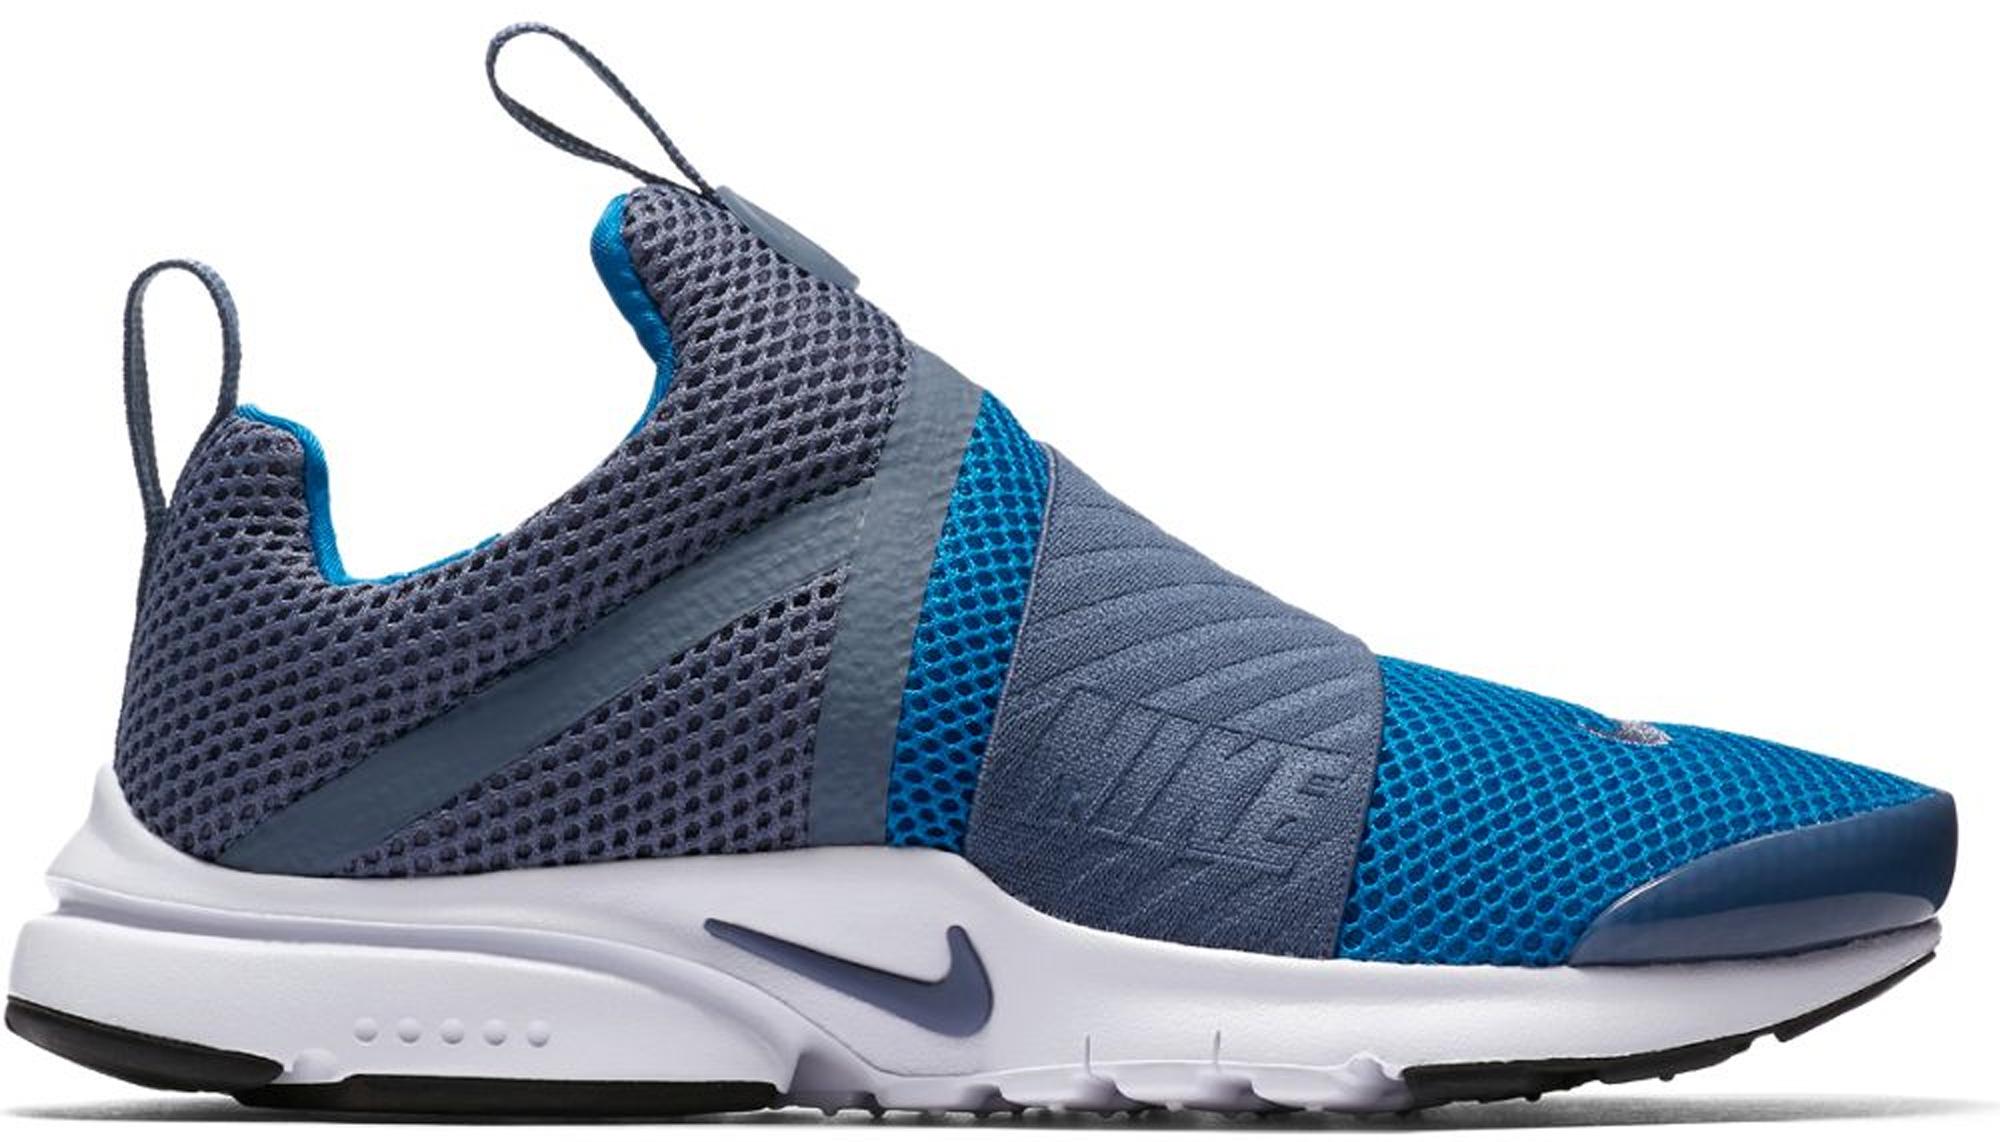 Nike Presto Extreme Diffused Blue (GS